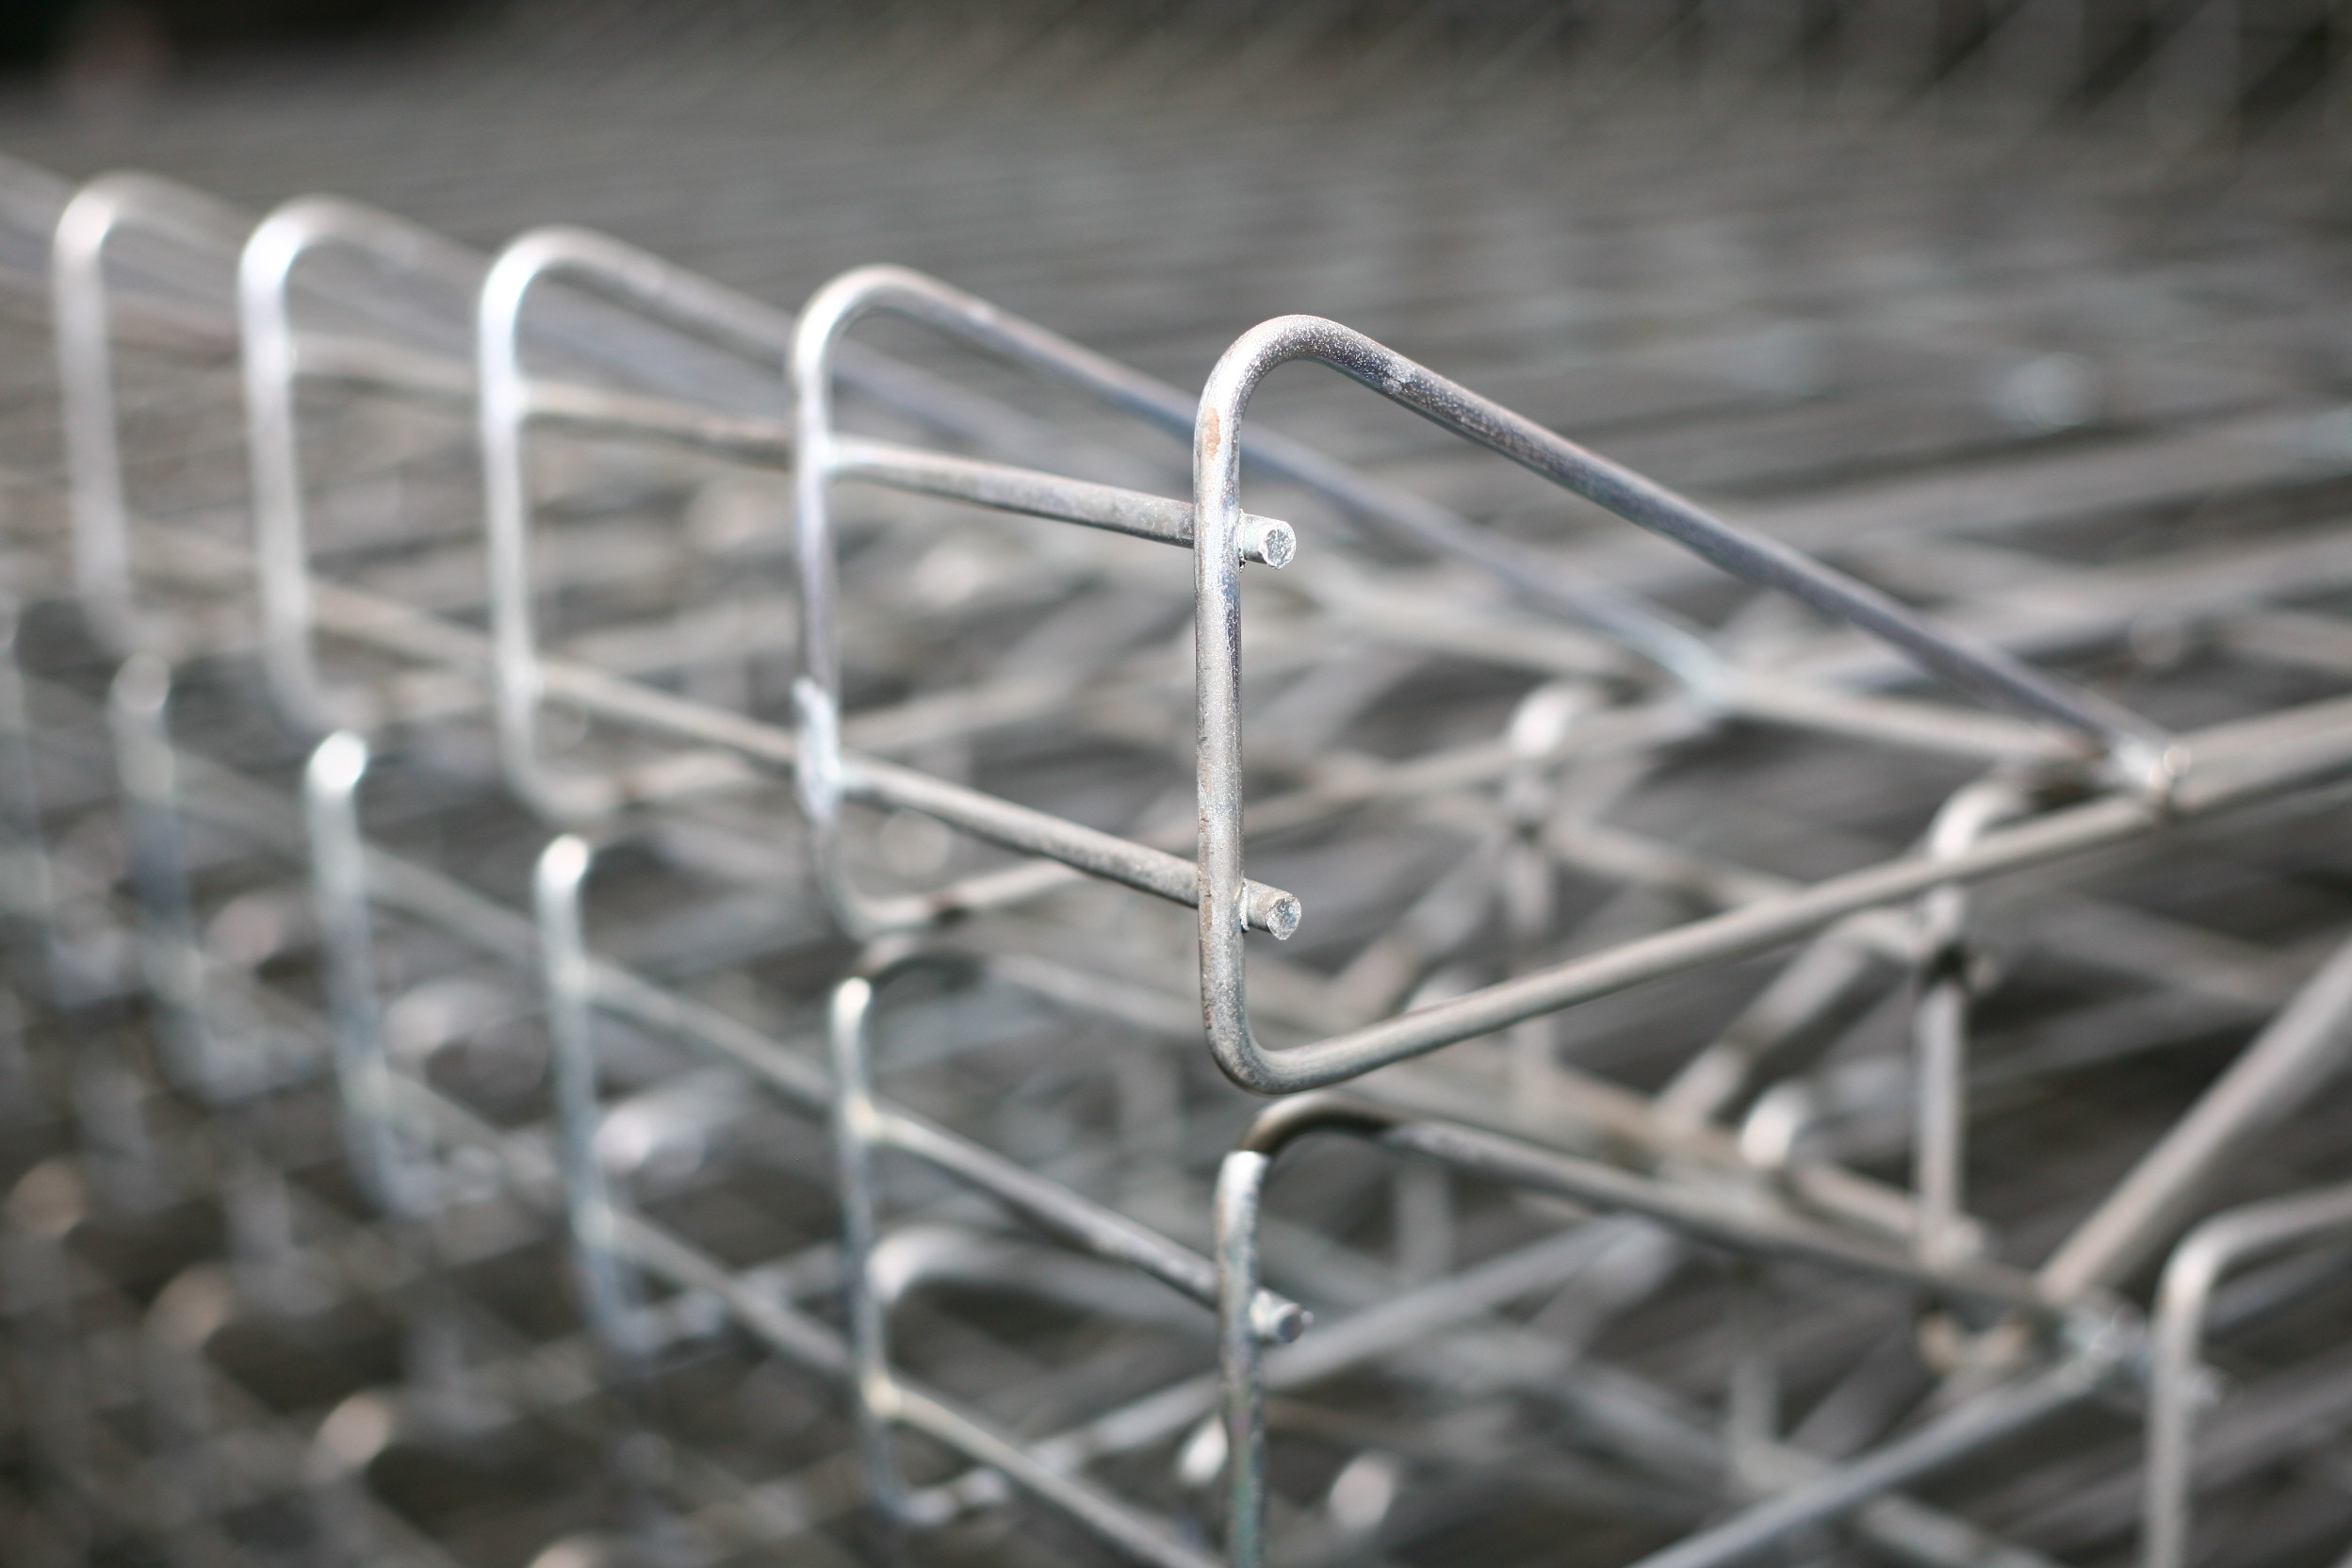 Jual Pagar Brc Harga Distributor Pertama di Indonesia